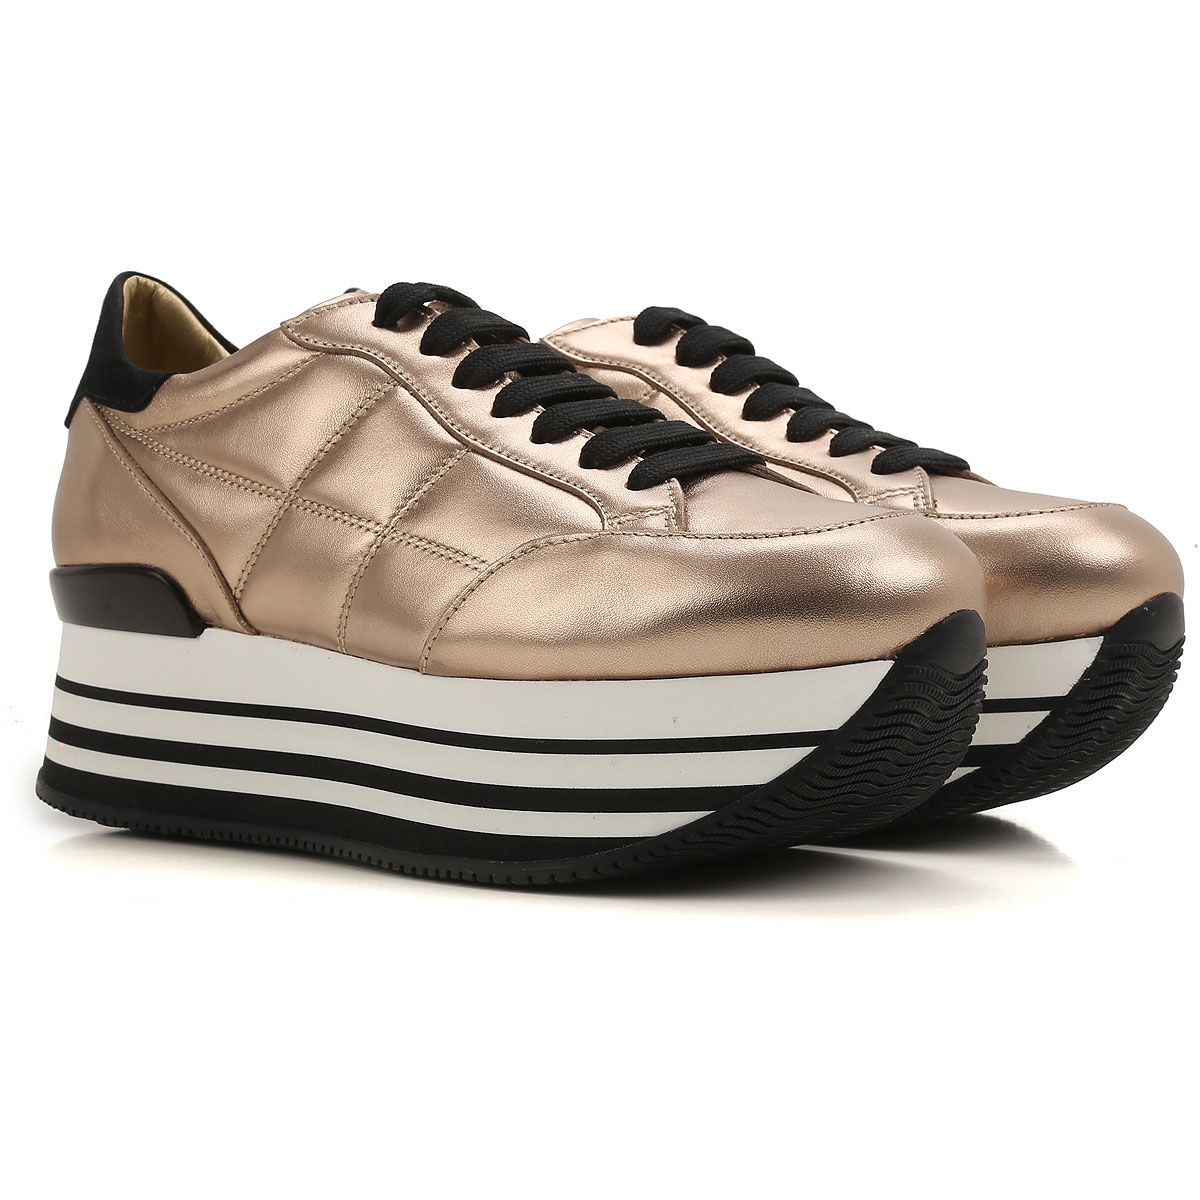 Chaussures De Sport Pour Les Femmes En Vente, Or, Cuir, 2017, 35 Hogan